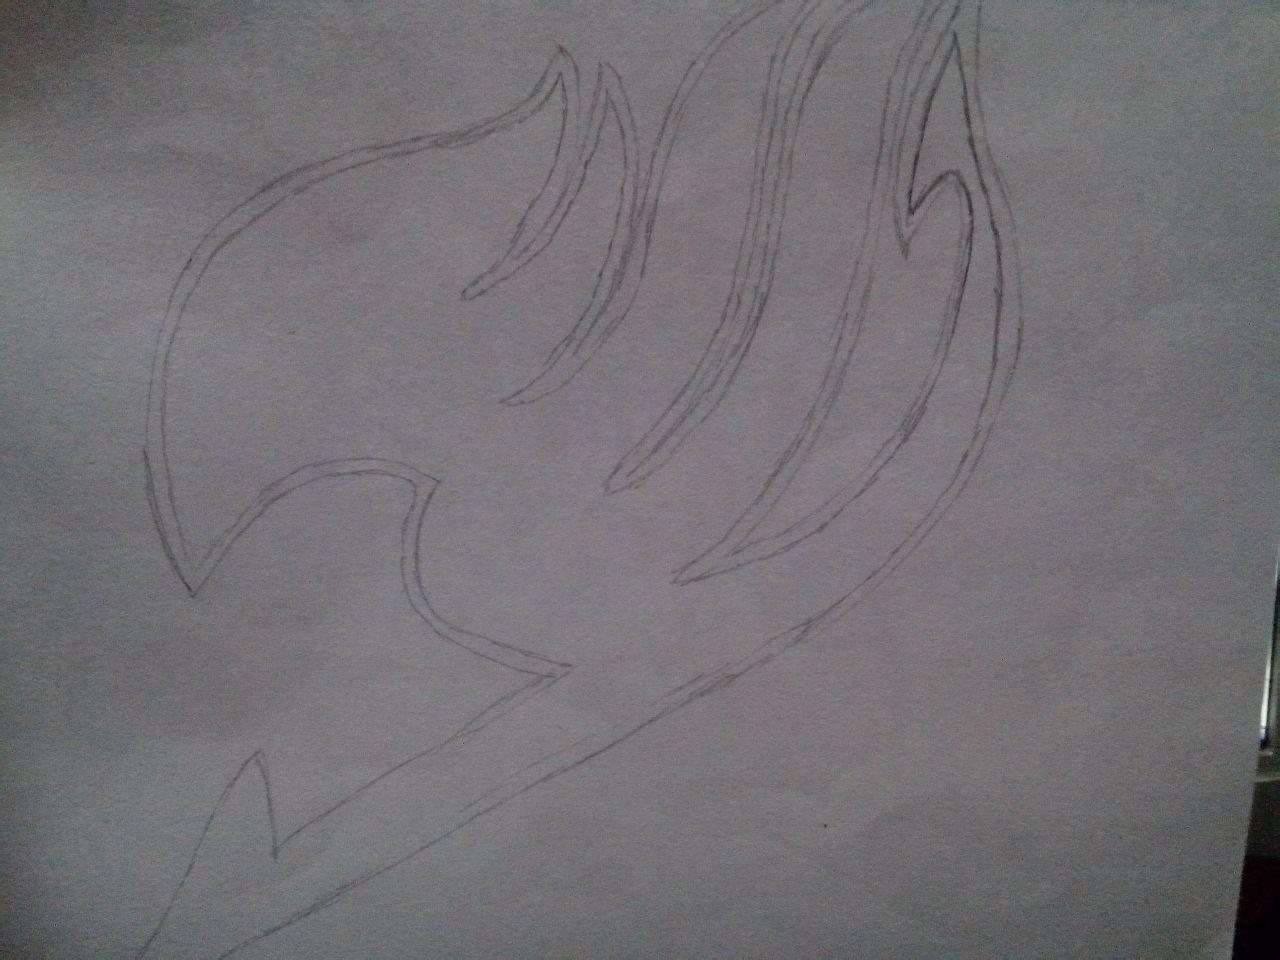 亲吻姐姐oad7下载_妖精的尾巴动态壁纸图片_妖精的尾巴动态壁纸图片下载